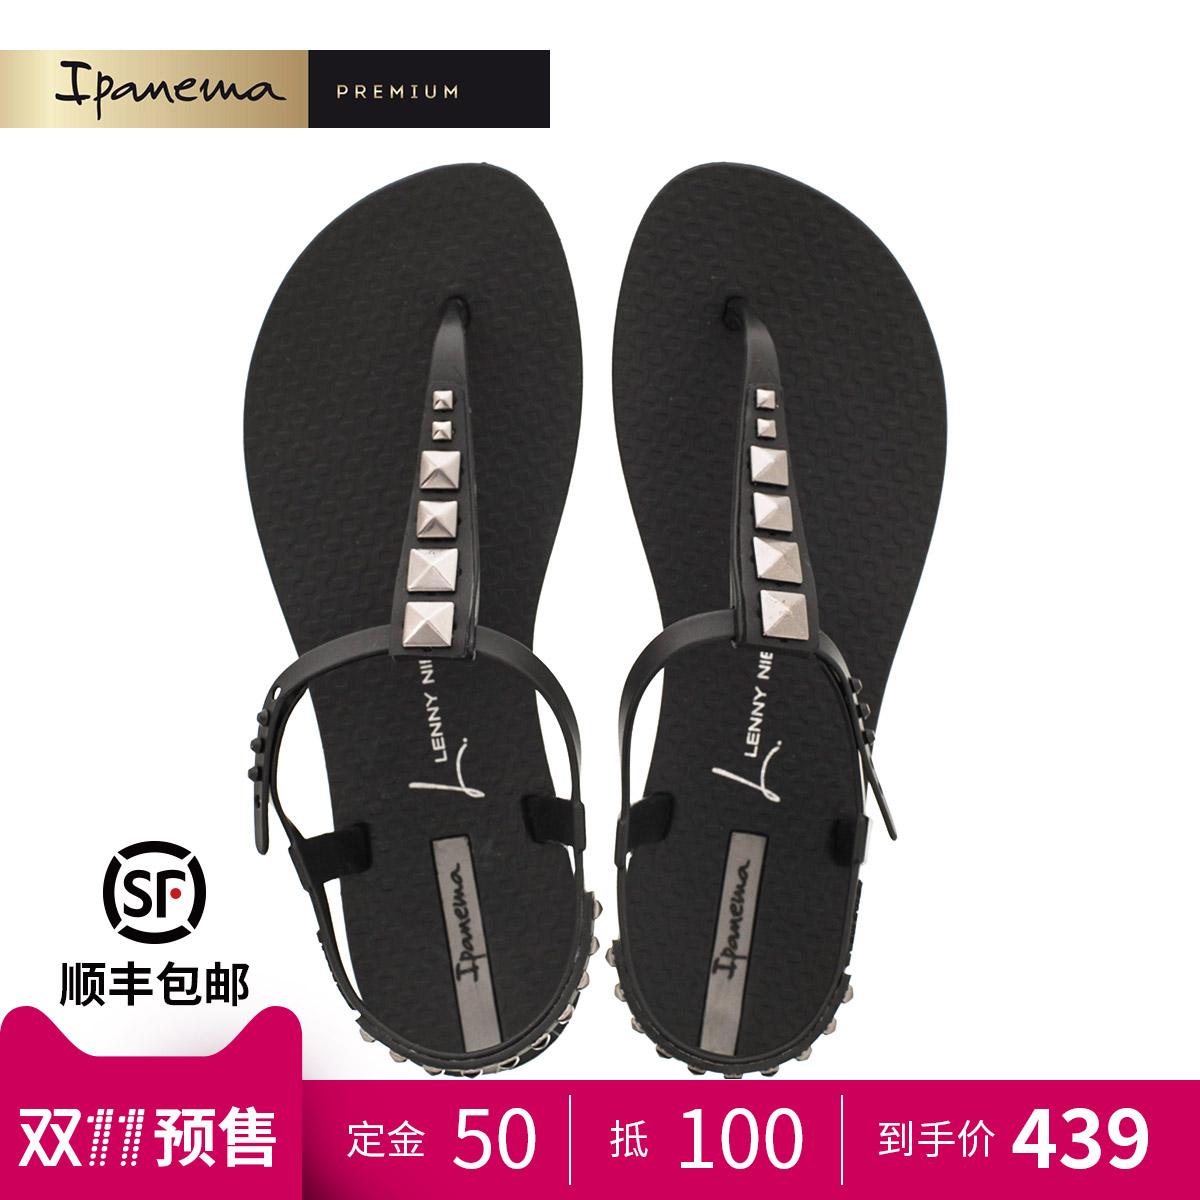 Ipanema2017新款女士凉鞋 莱尼摇滚系列平底夹脚凉鞋沙滩巴西凉拖